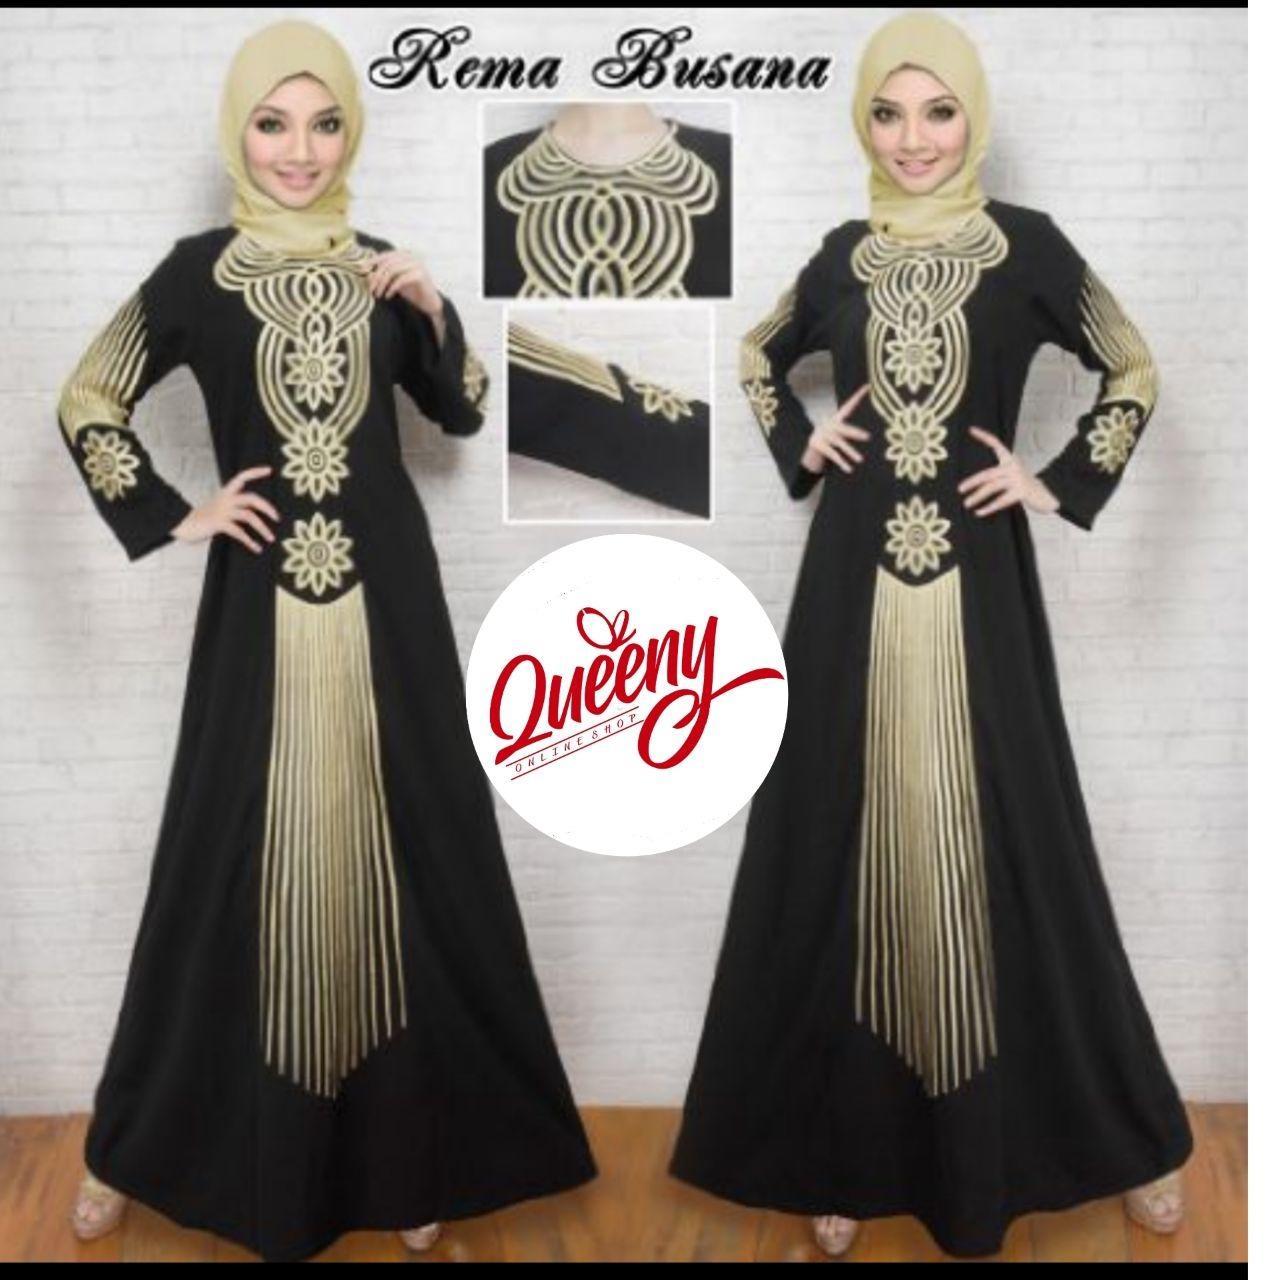 Beli Gamis Abaya Hitam Arab Fashion Muslimah Abaya Modern Terbaru